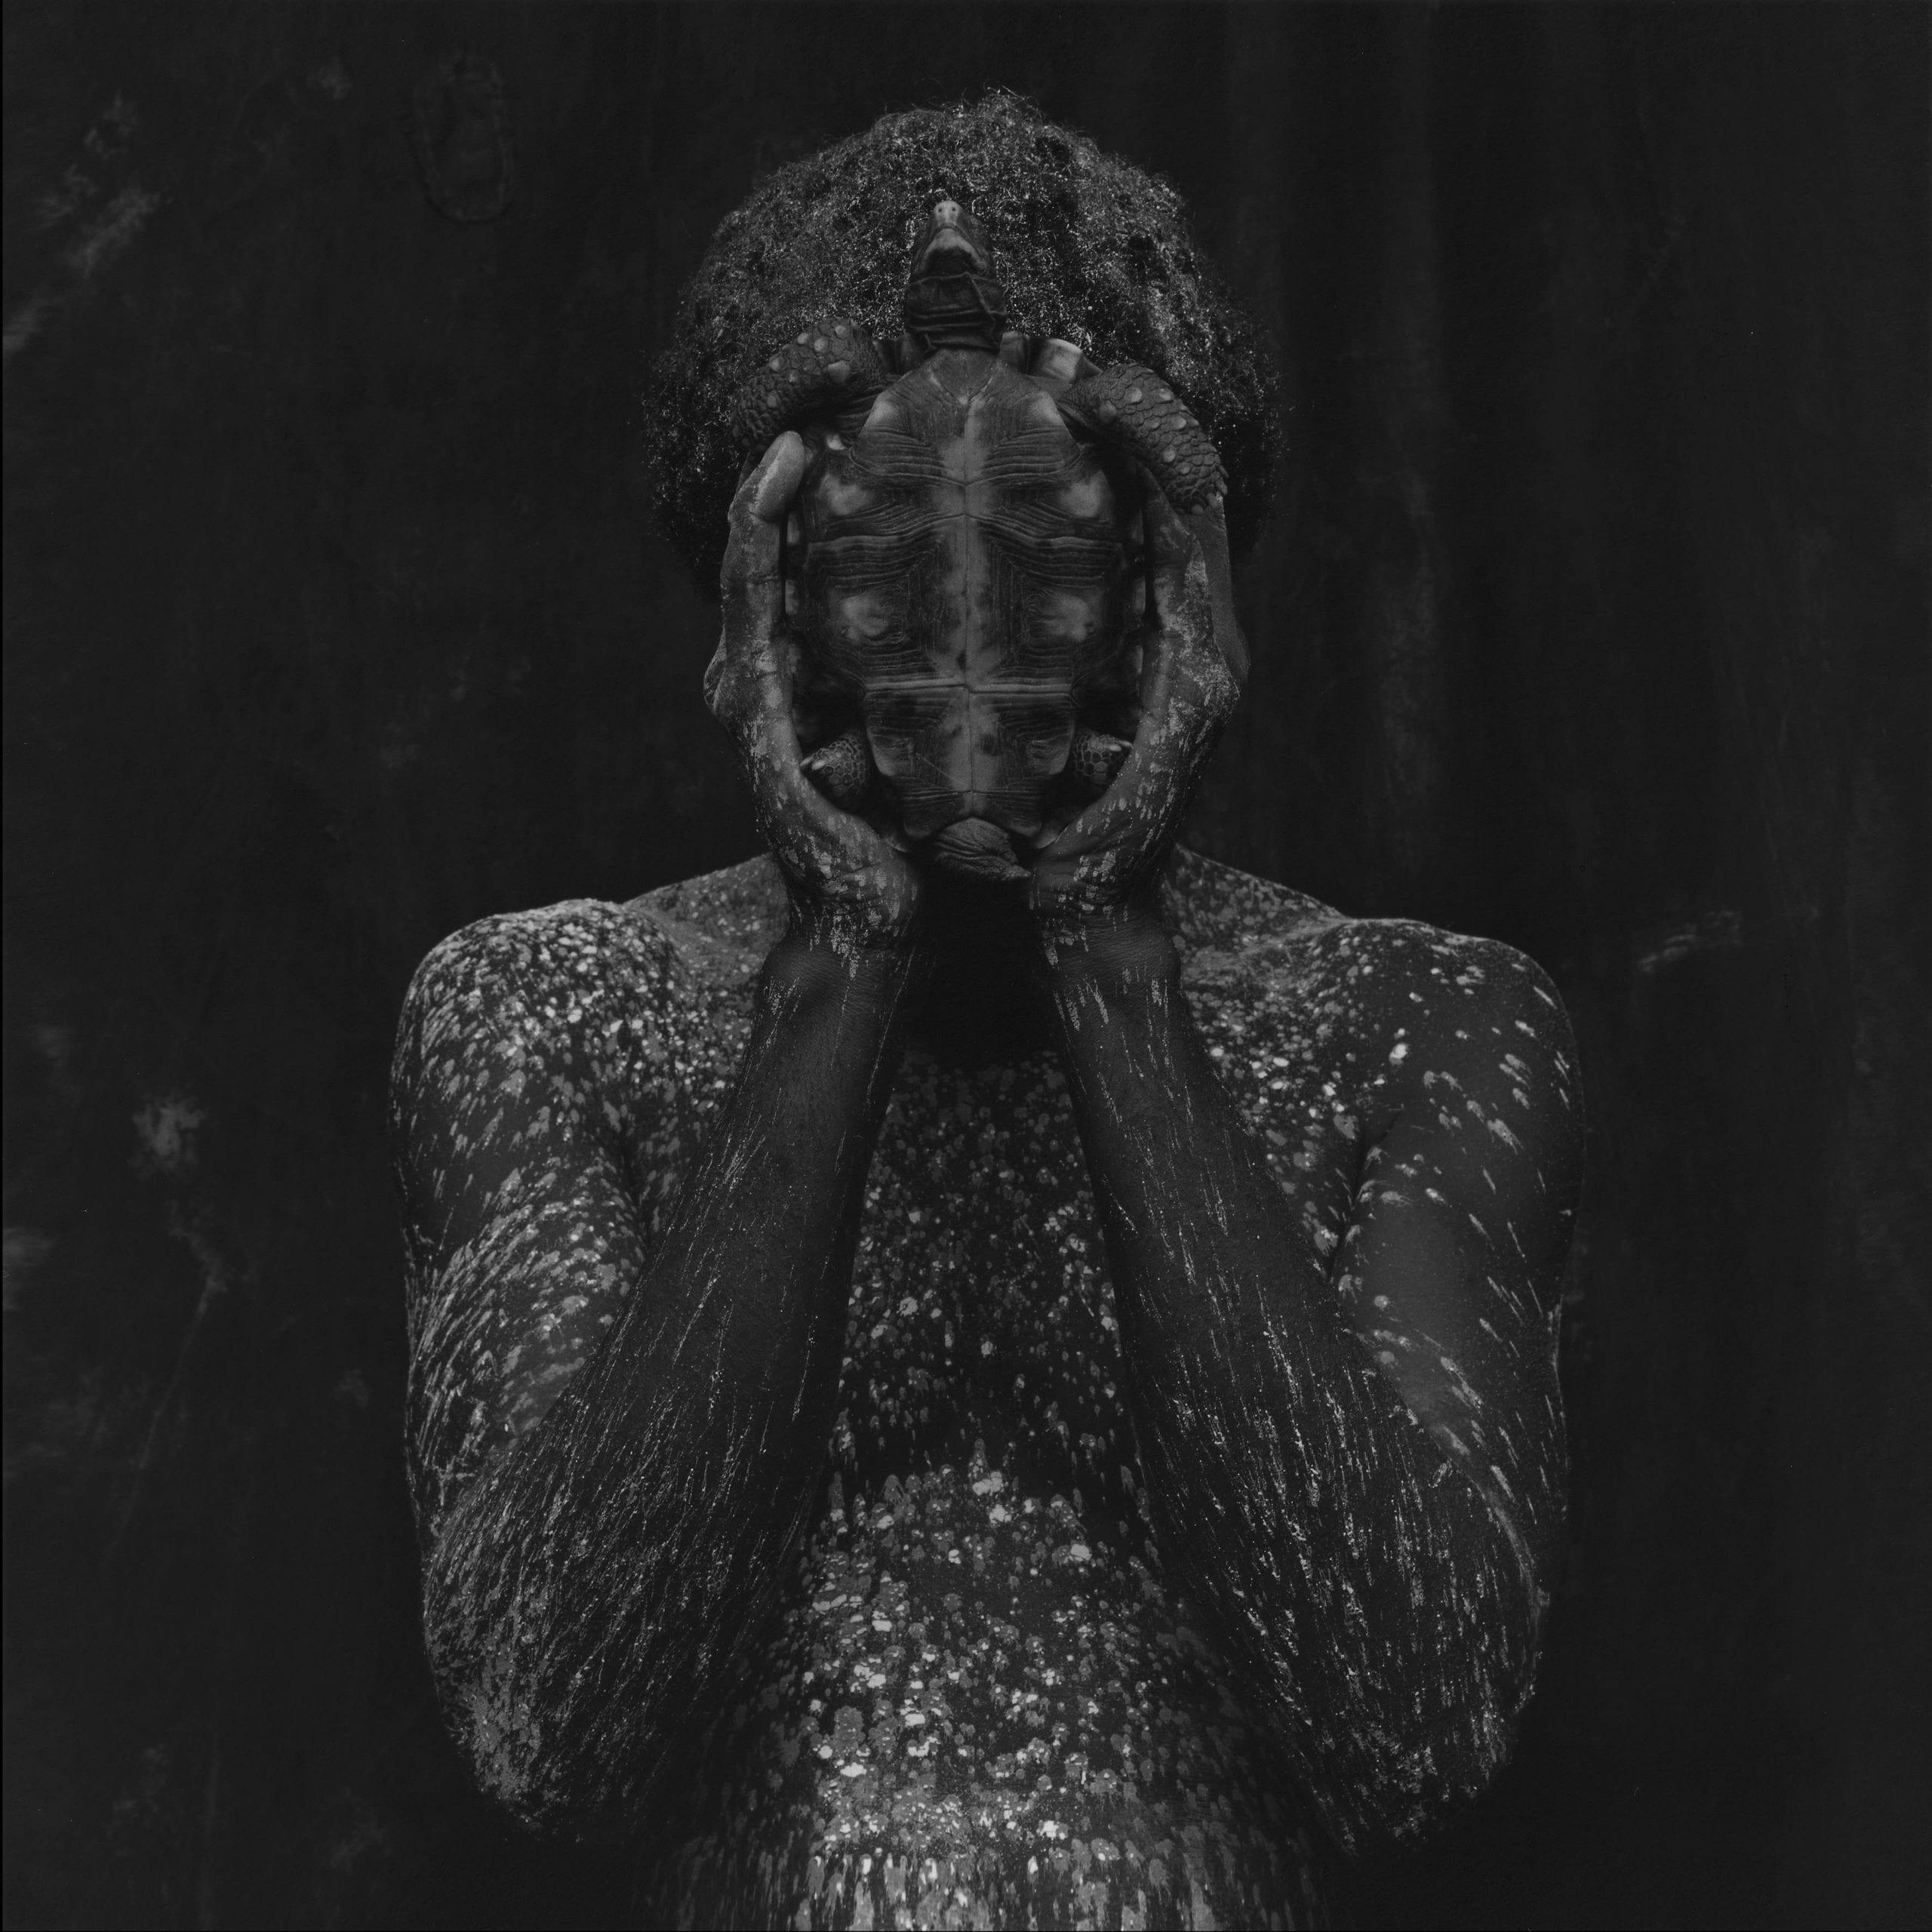 Deus de cabeça, 1988 [Head of God]